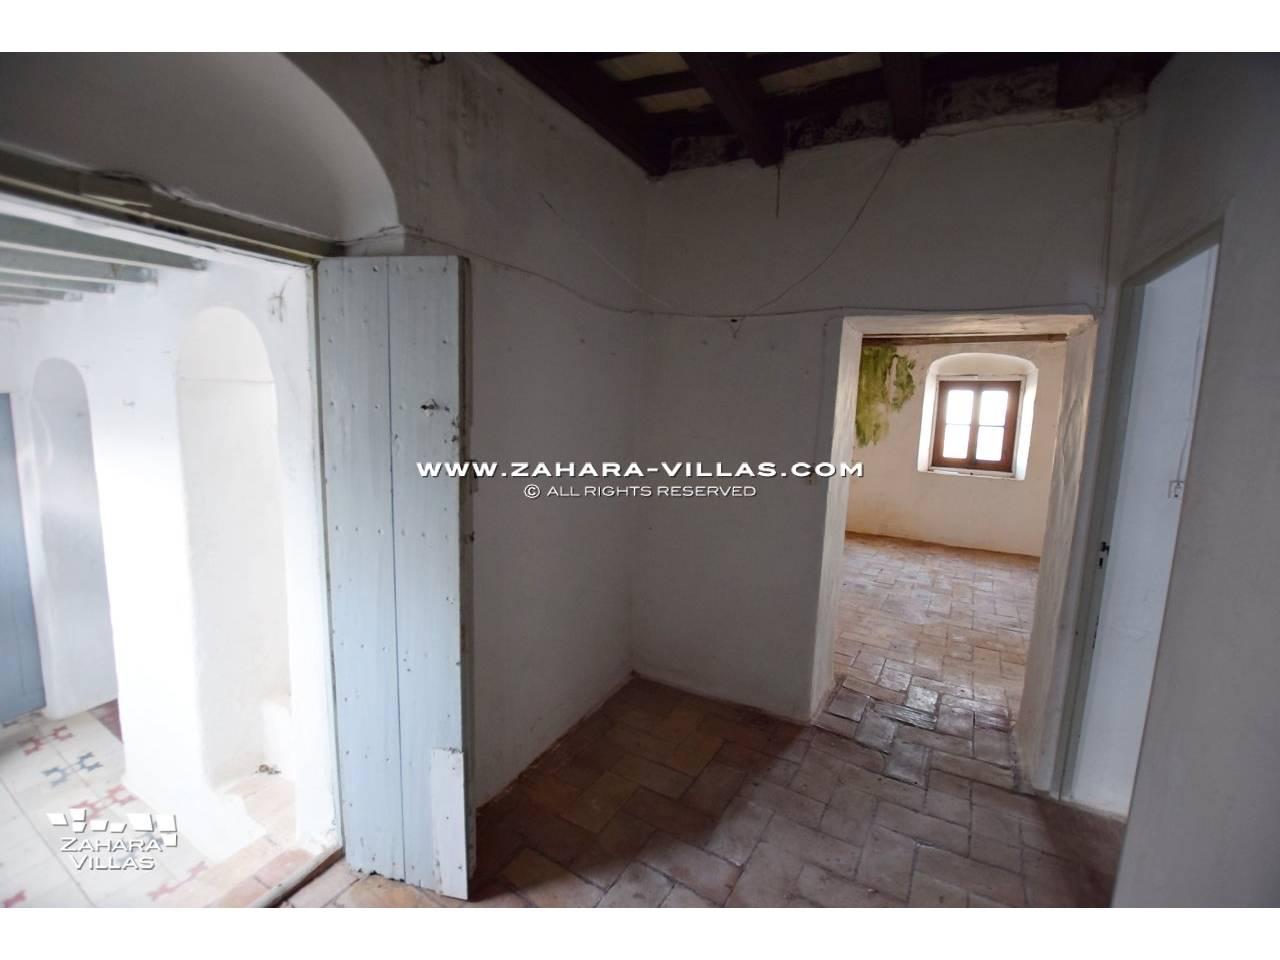 Imagen 10 de Historic buildings for sale in Vejer de la Frontera are sold